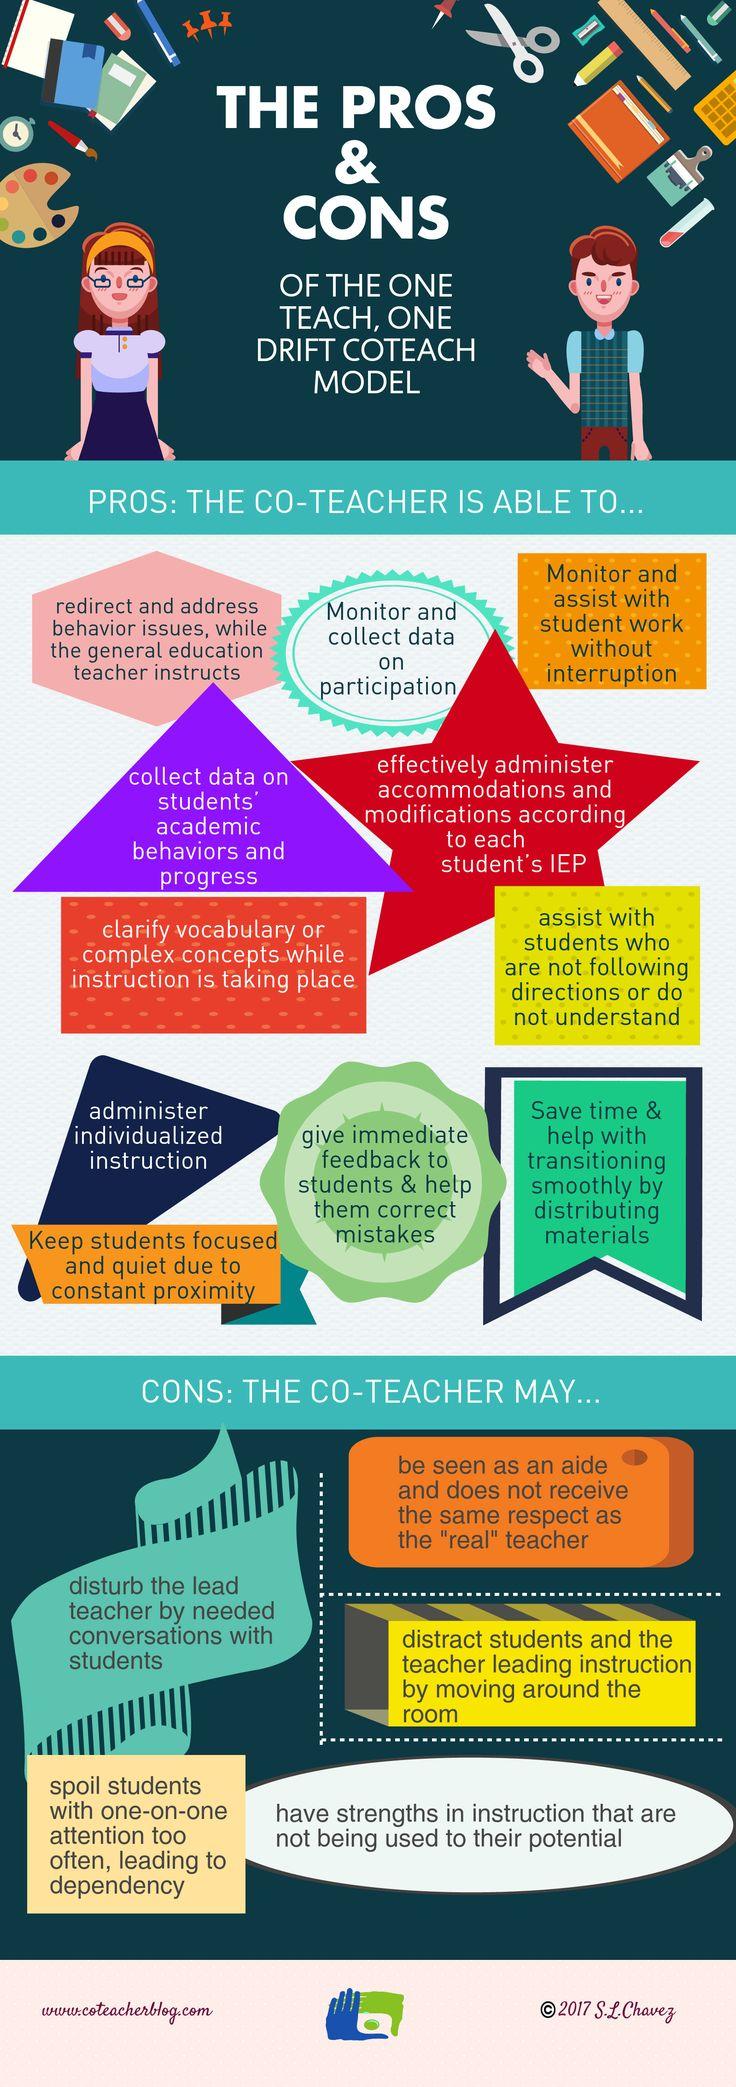 Pros & Cons of the One Teach, One Drift Co-Teach Model